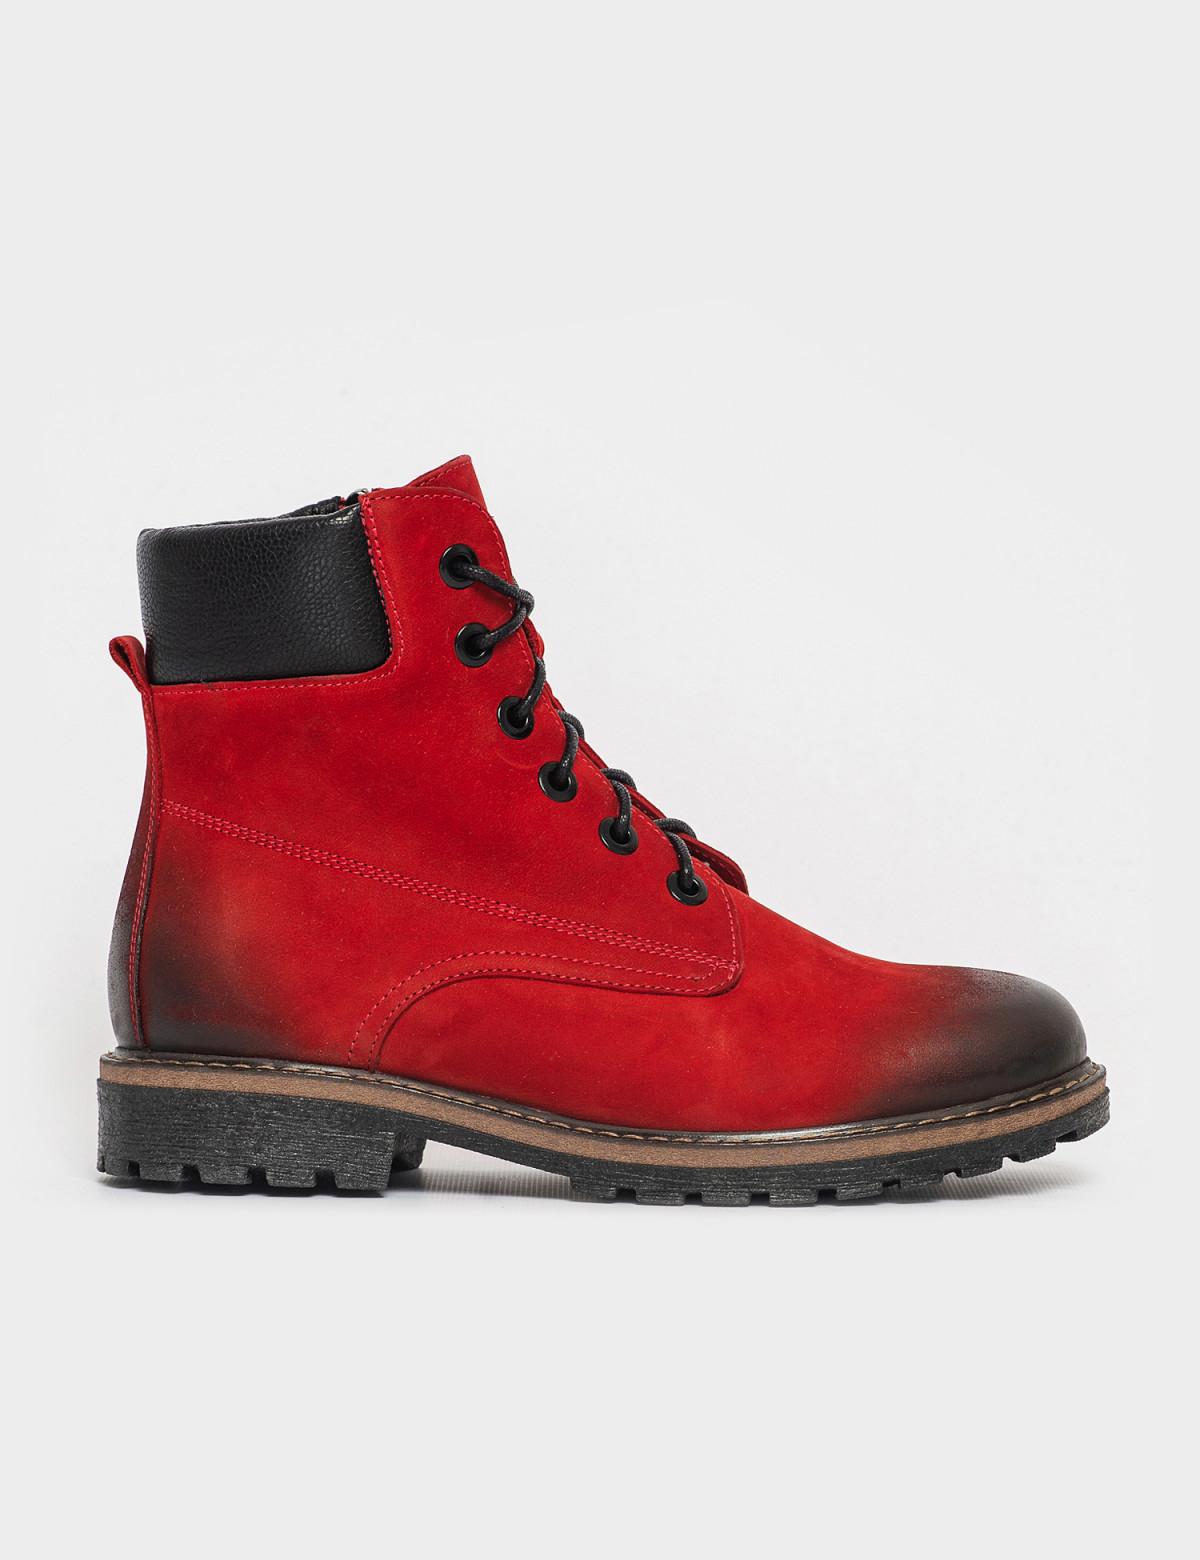 Ботинки красные. Натуральный нубук. Байка